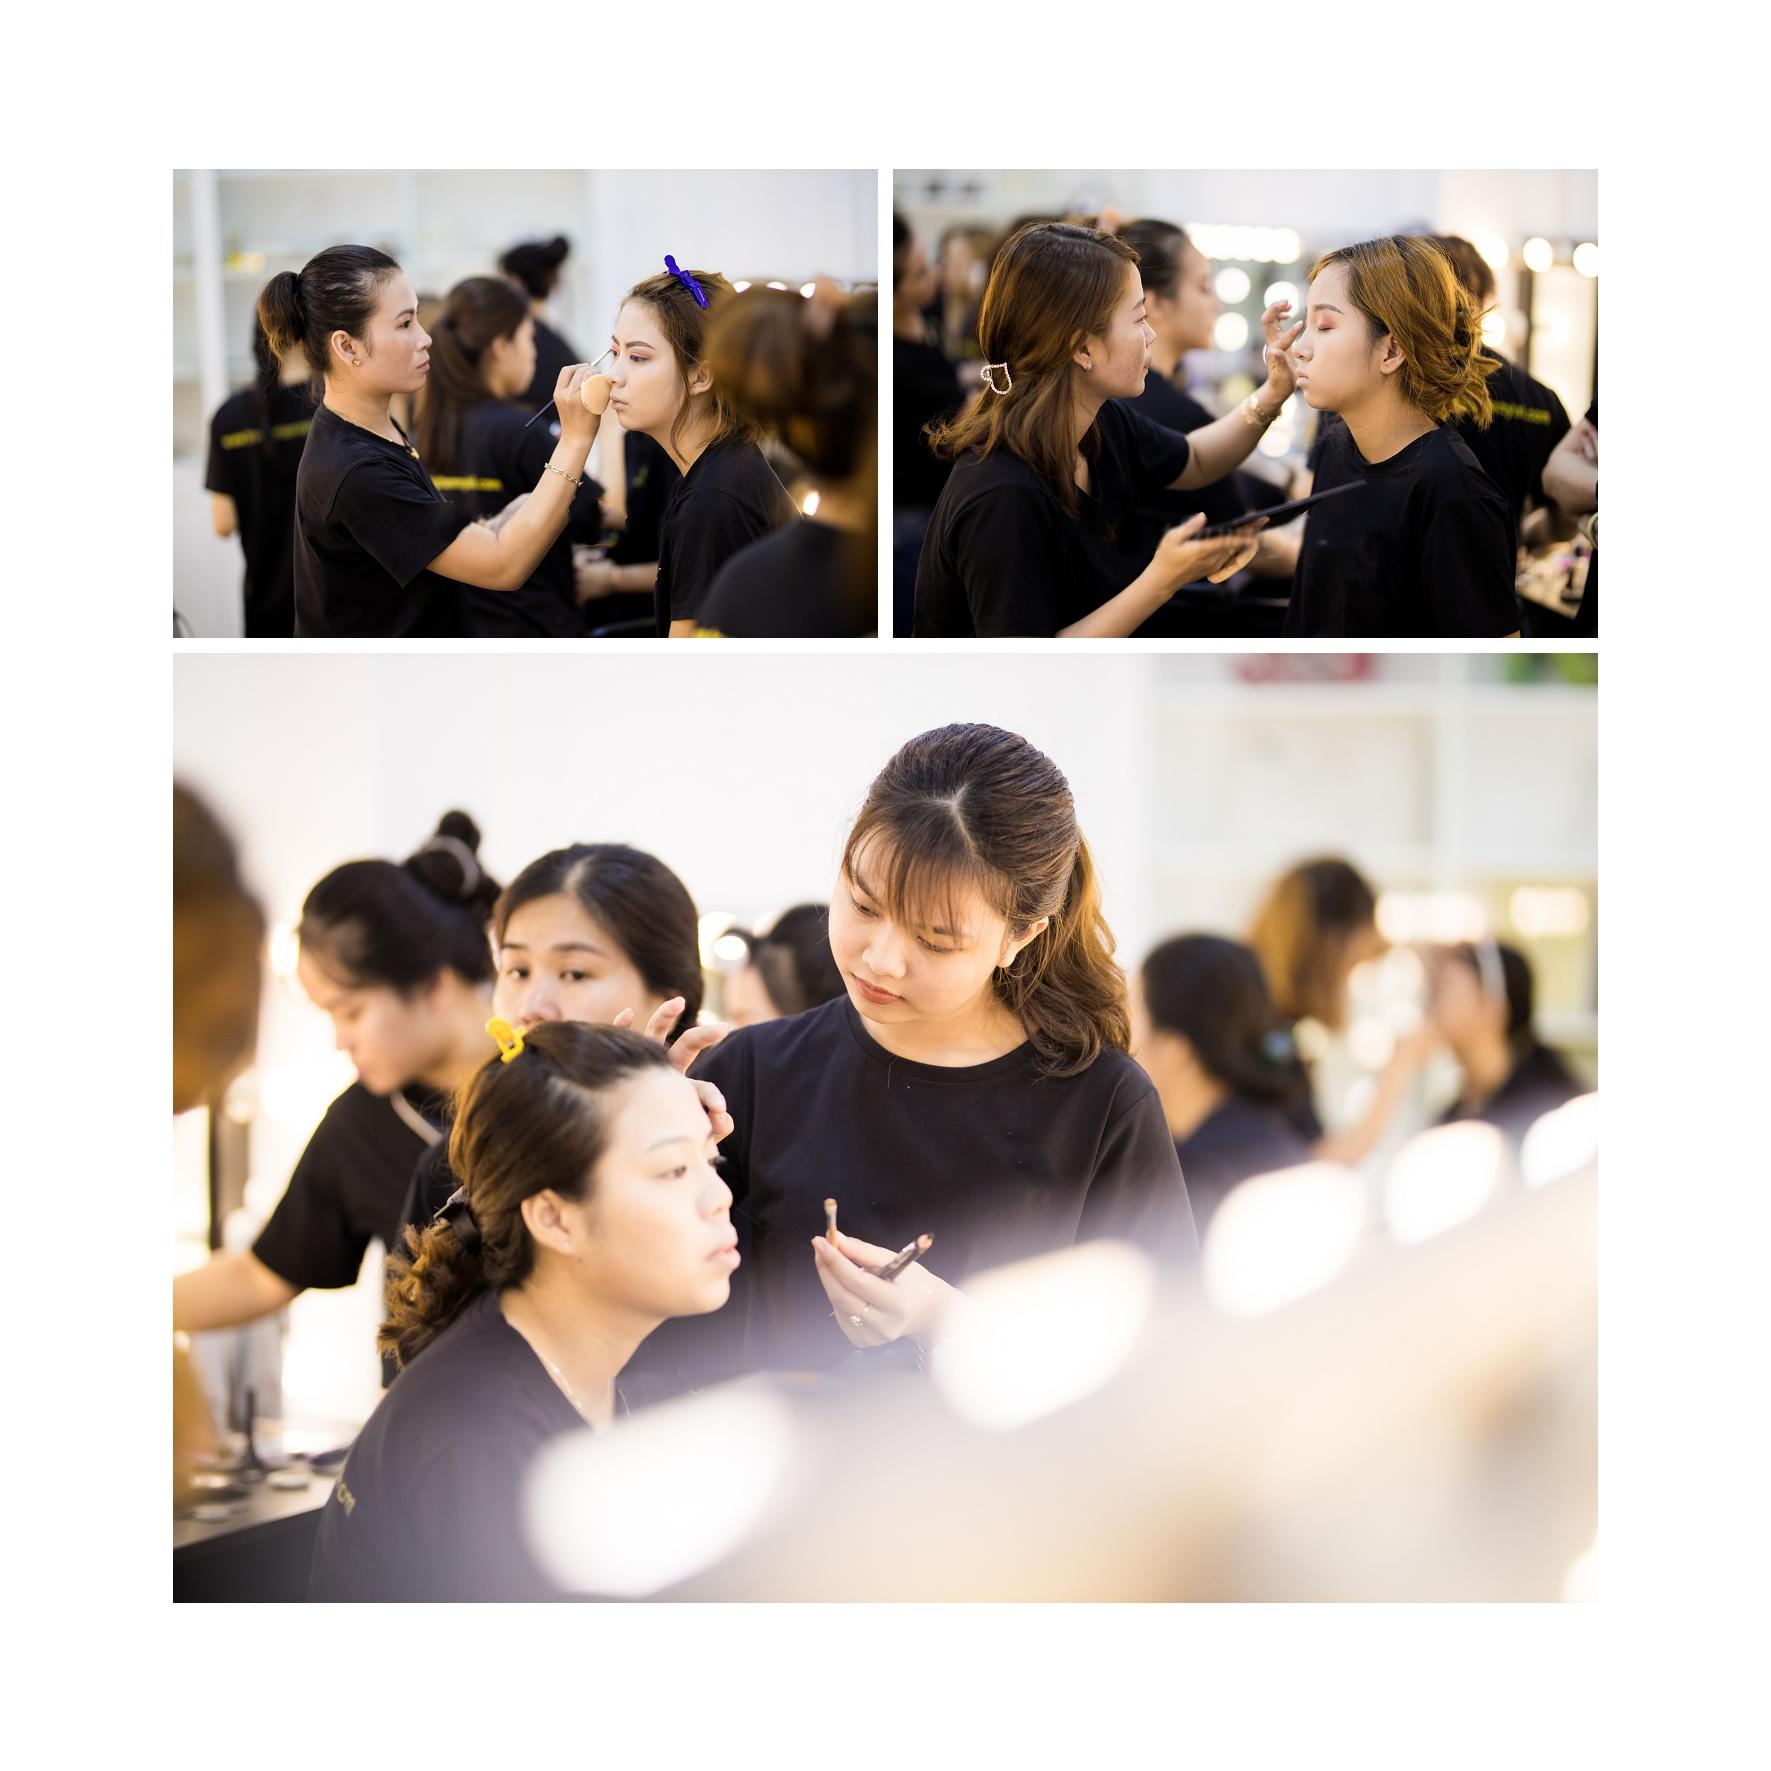 Khoá học bới tóc cô dâu tại Sài Gòn